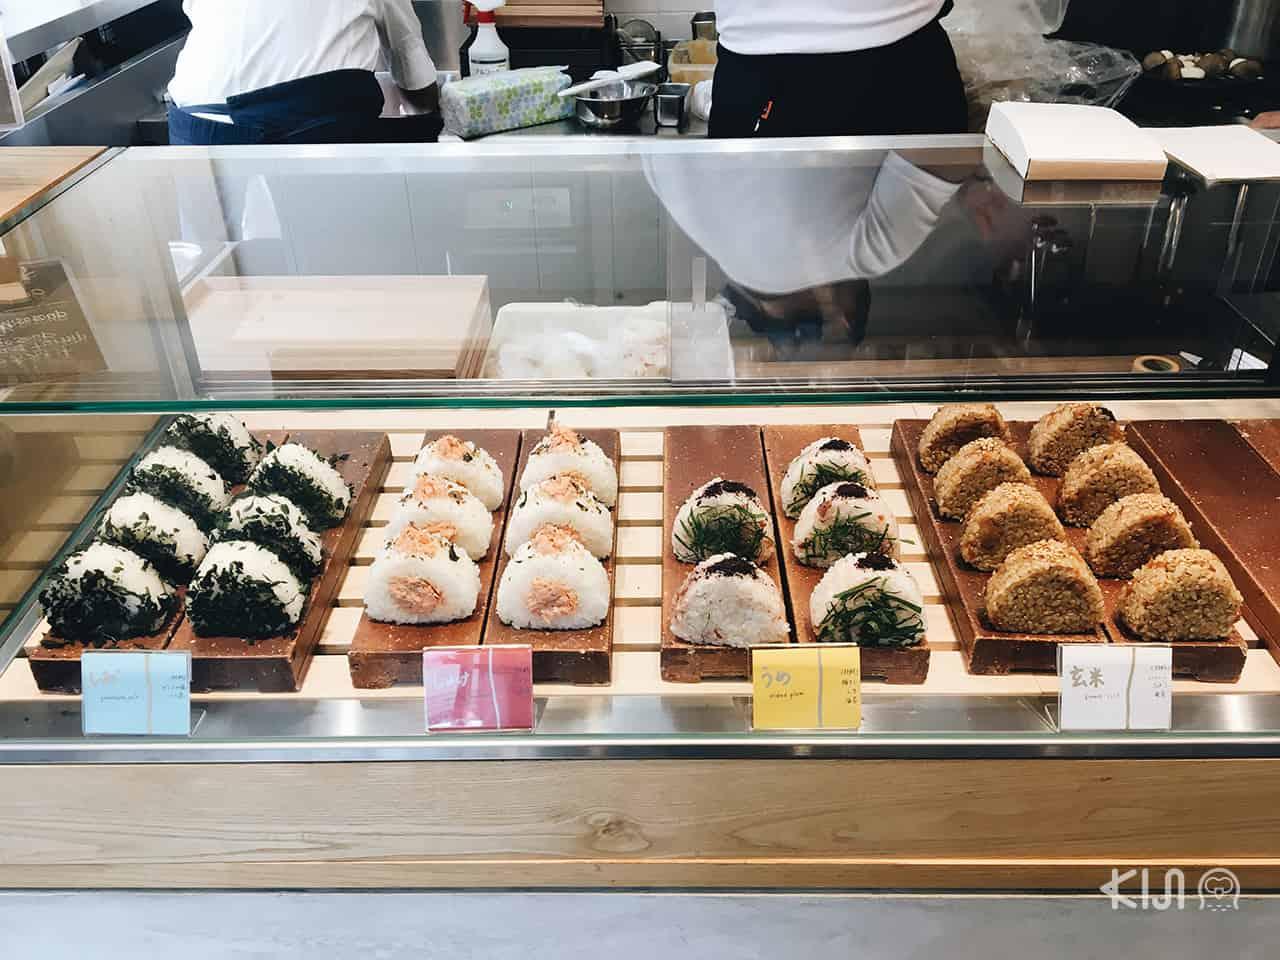 มื้อเช้า แบบญี่ปุ่น โตเกียว